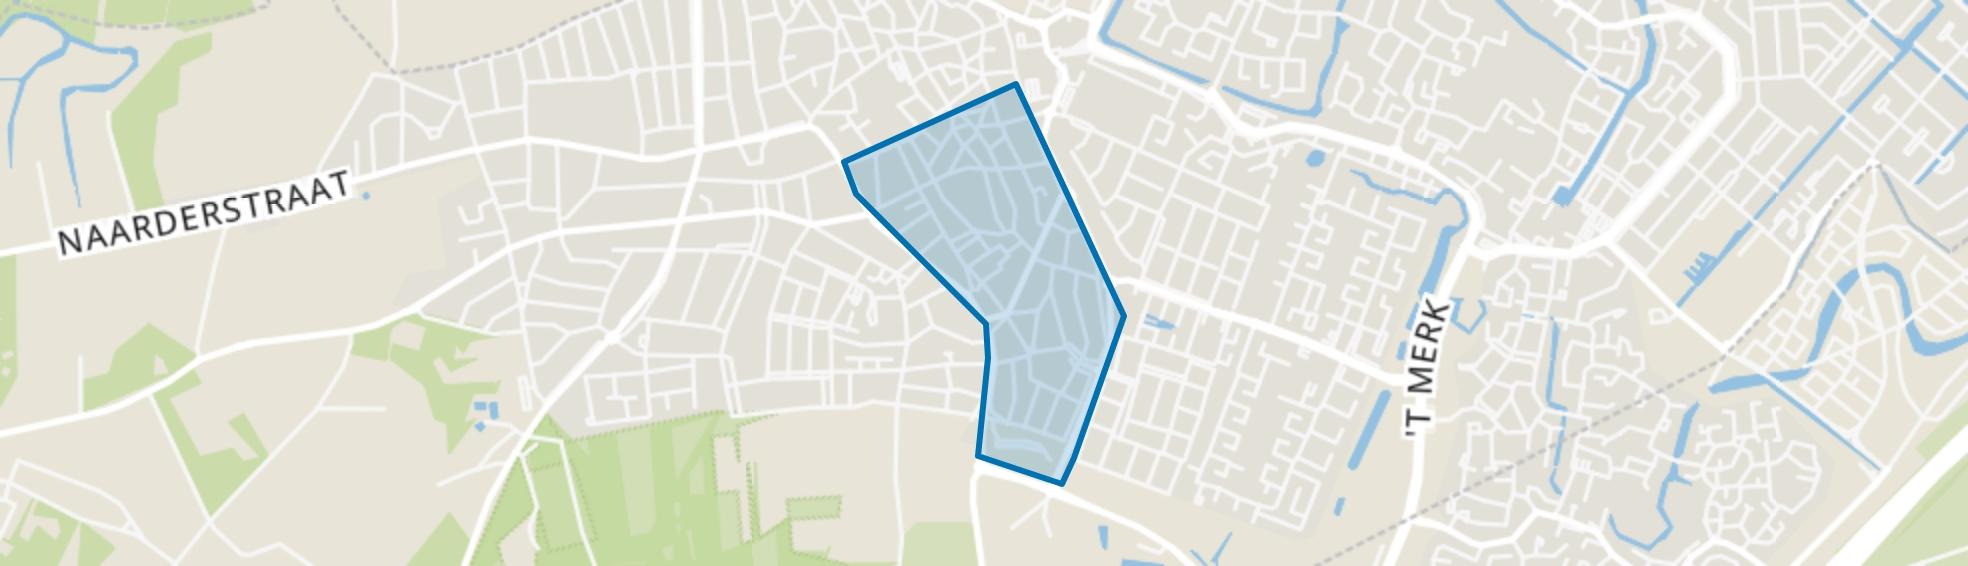 De Zuid, Huizen map